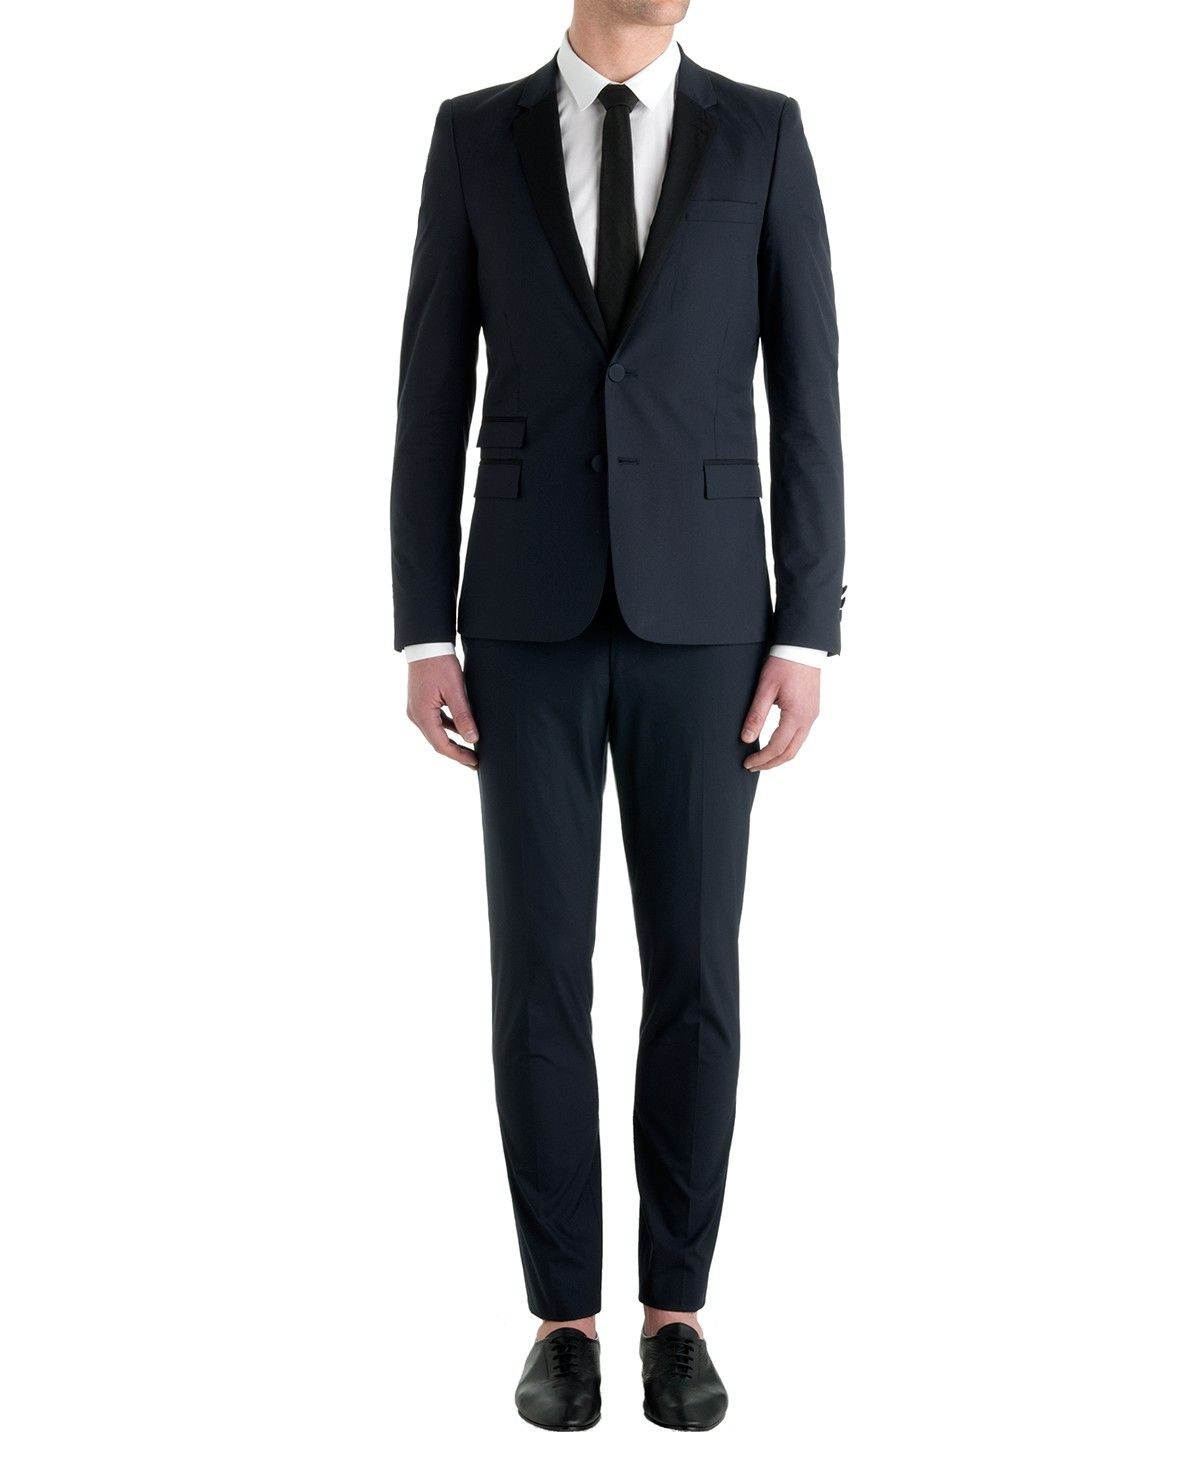 4391e06318 Dark navy suit - Suit - Men - The Kooples | Suit | Dark navy suit ...